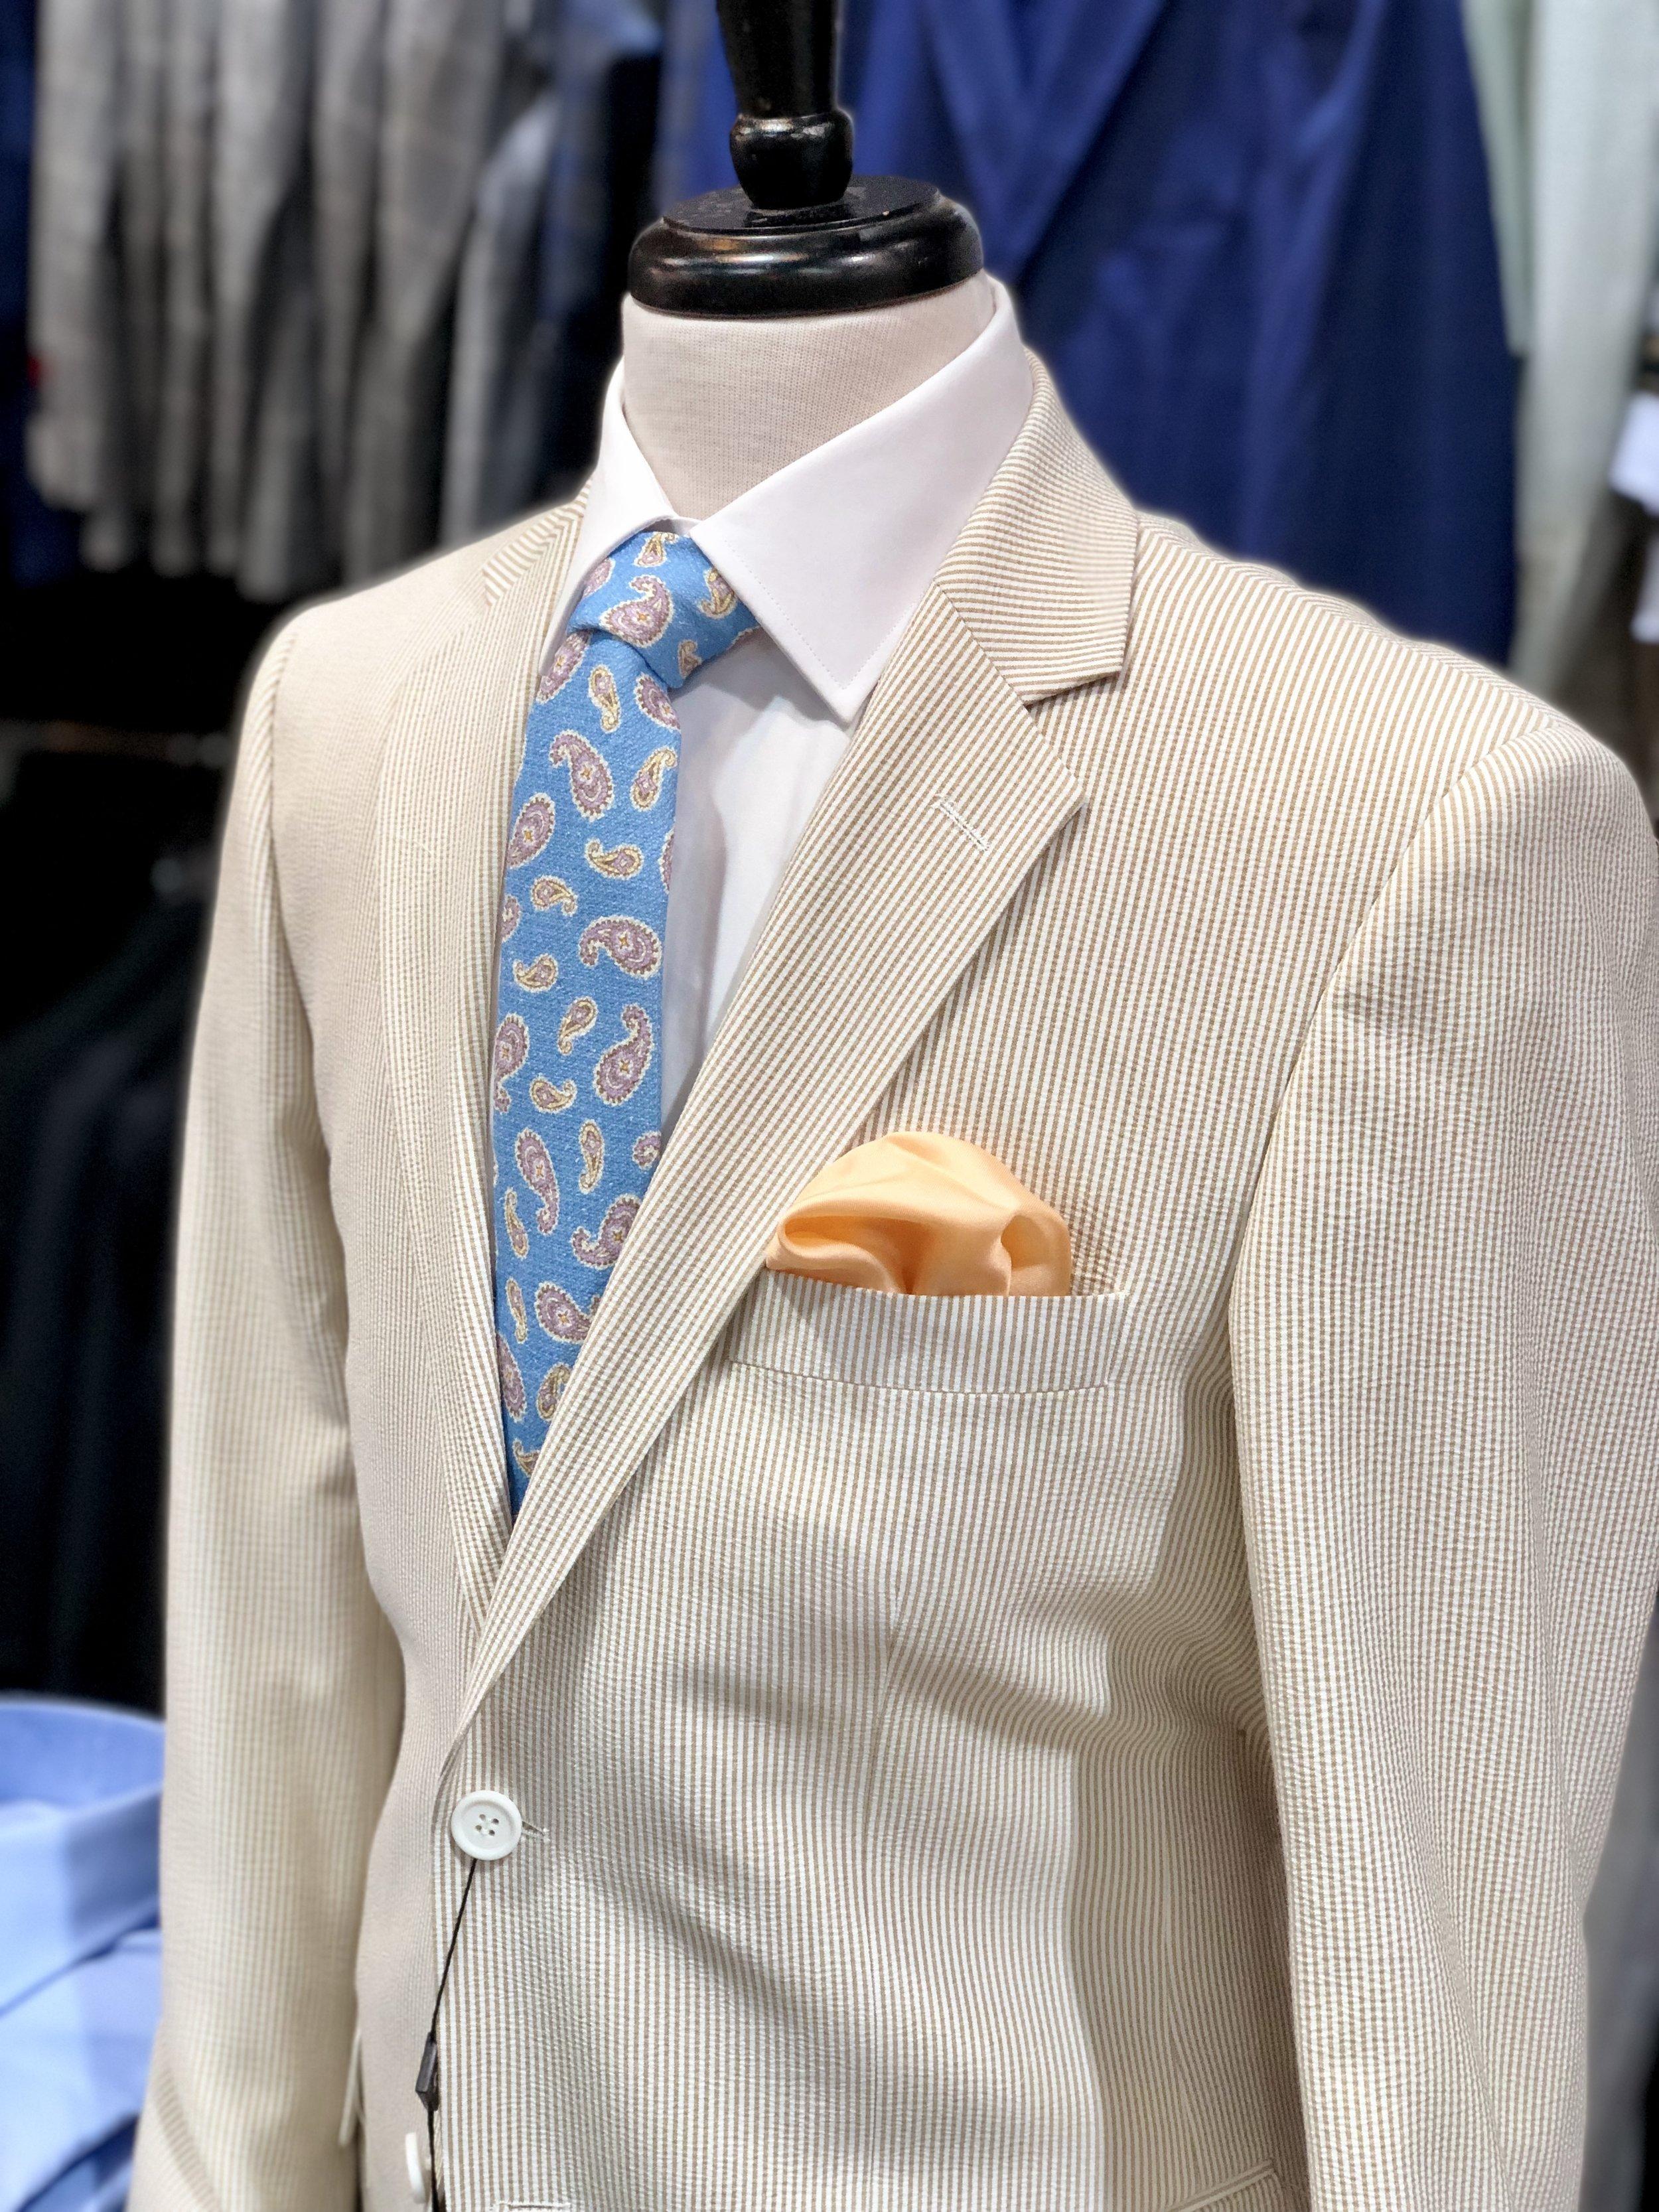 Joseph S Clothier Brown Seersucker Suit